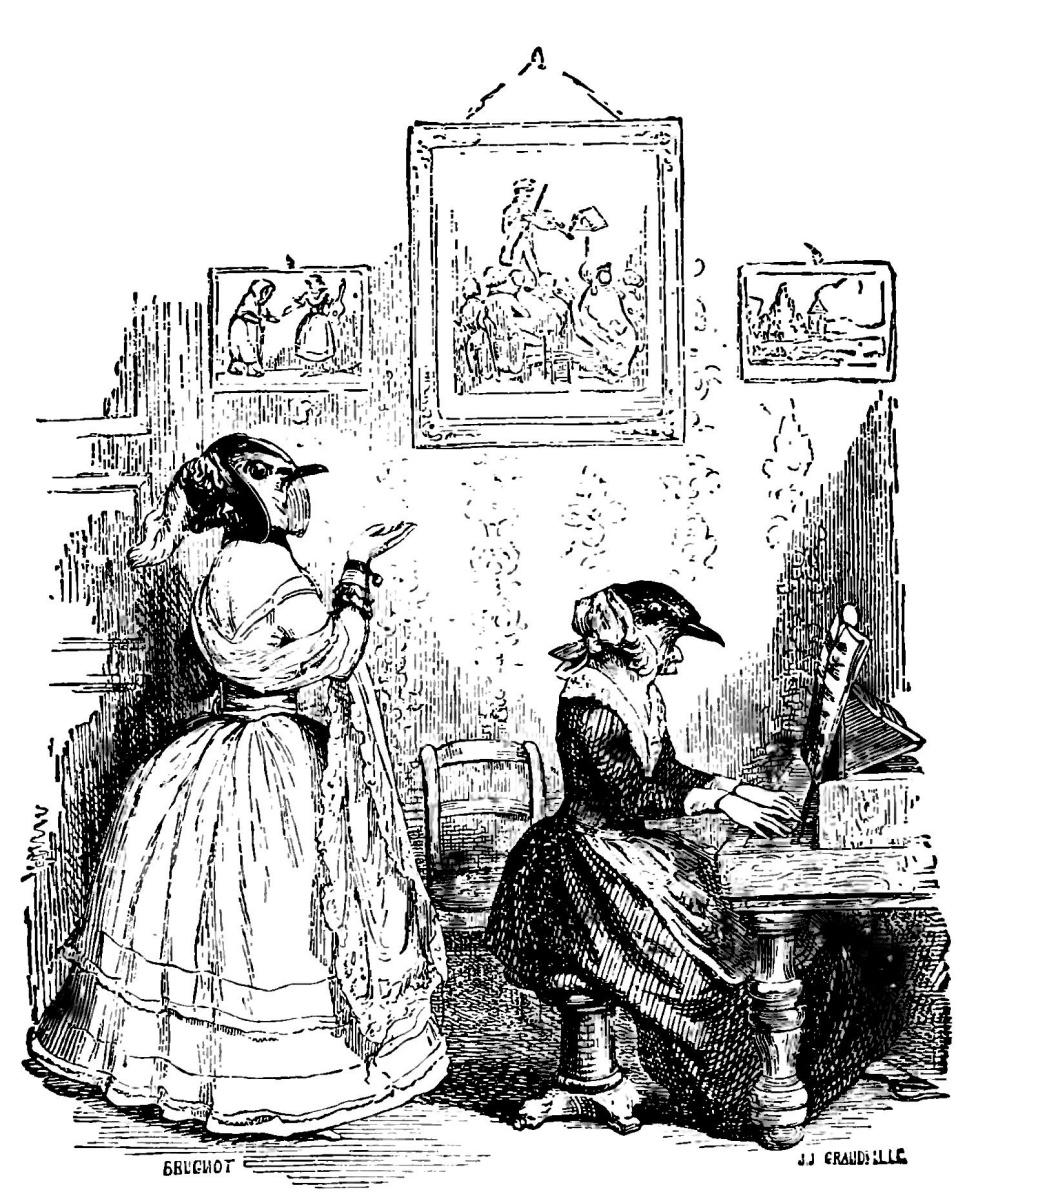 Жан Иньяс Изидор (Жерар) Гранвиль. Голубь и Черепаха. Иллюстрации к басням Флориана